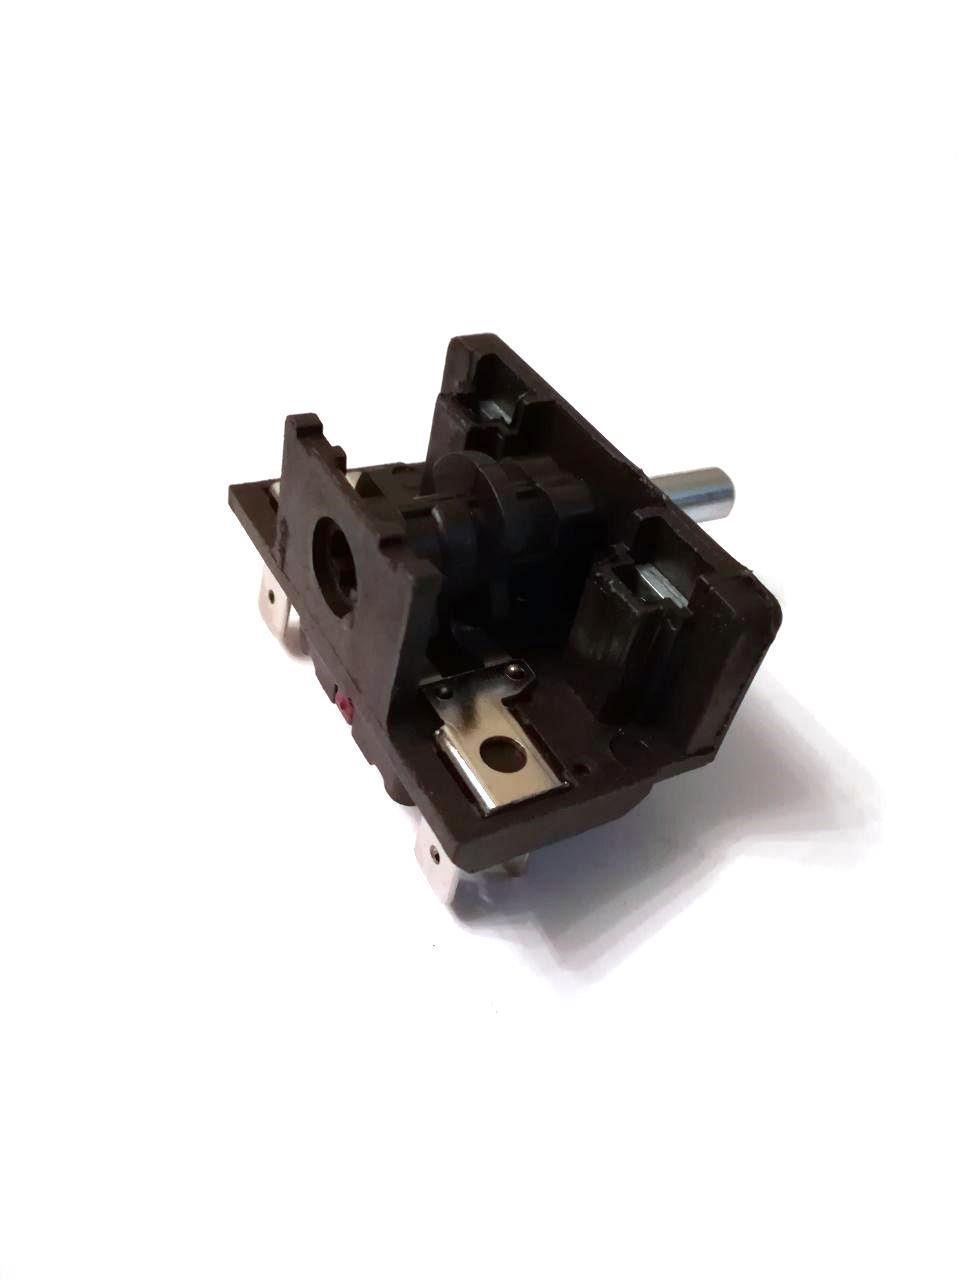 Переключатель 4-x позиционный AC201A / 250V / 16A / T150 для электроплит и духовок / Argeson / Турция